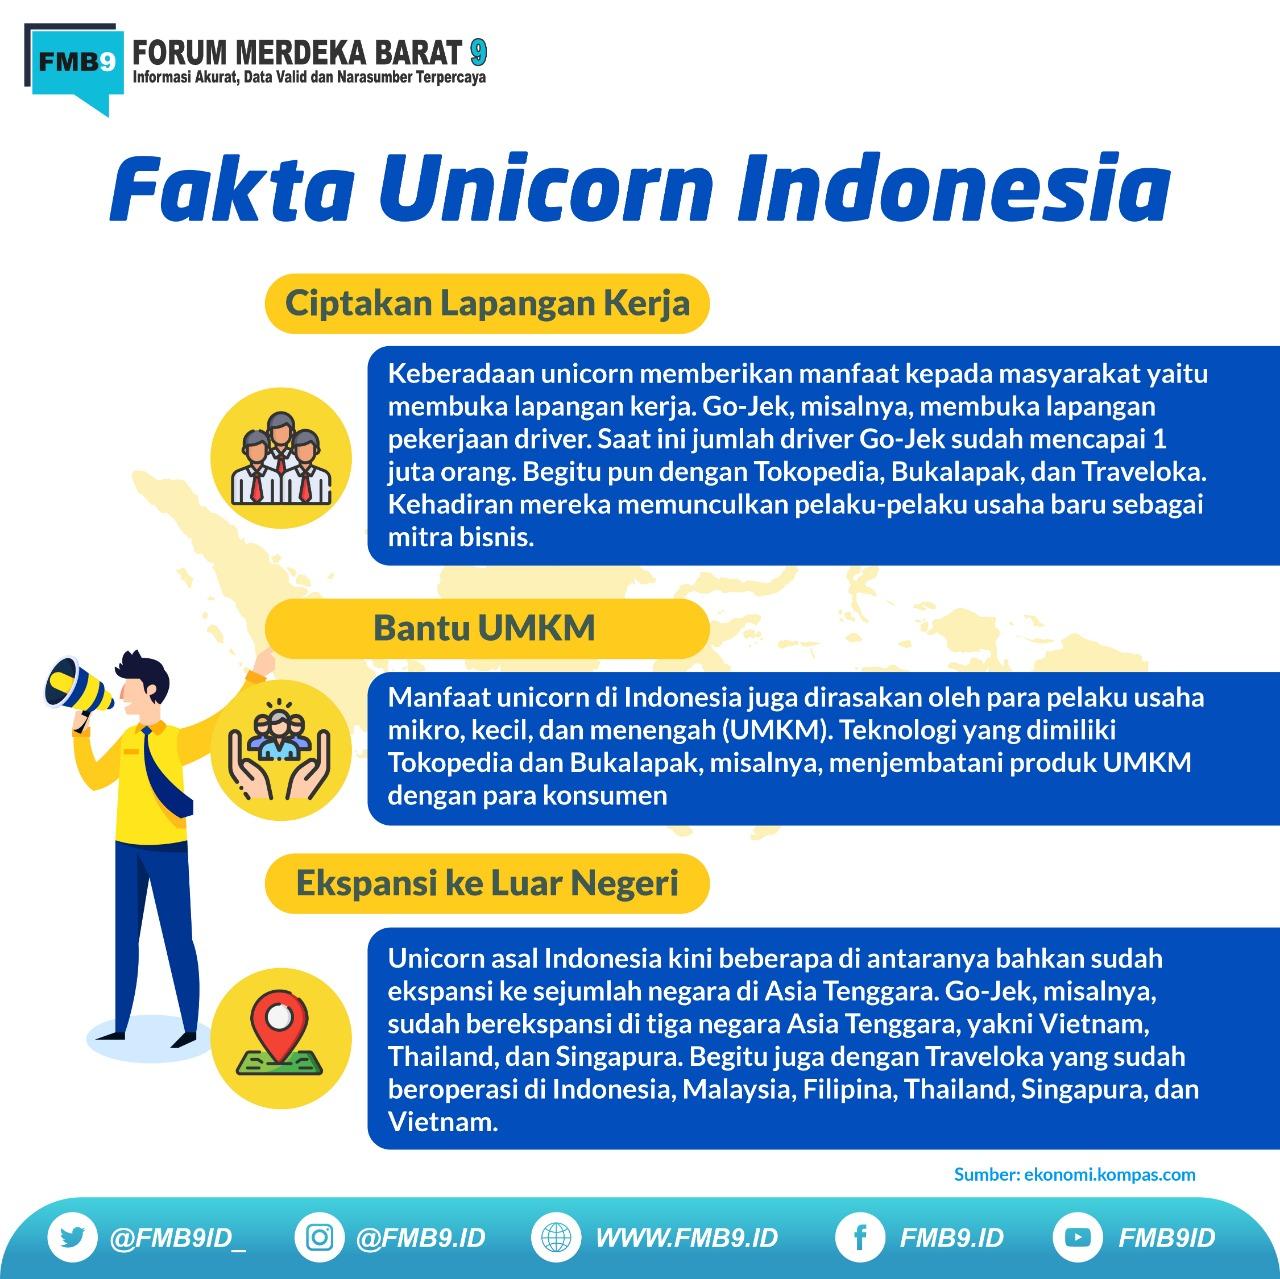 Banyaknya masyarakat yang terbantu dan terselesaikan permasalahannya dengan menggunakan layanan e-commerce mbuat Unicorn Indonesia berkembang pesat.